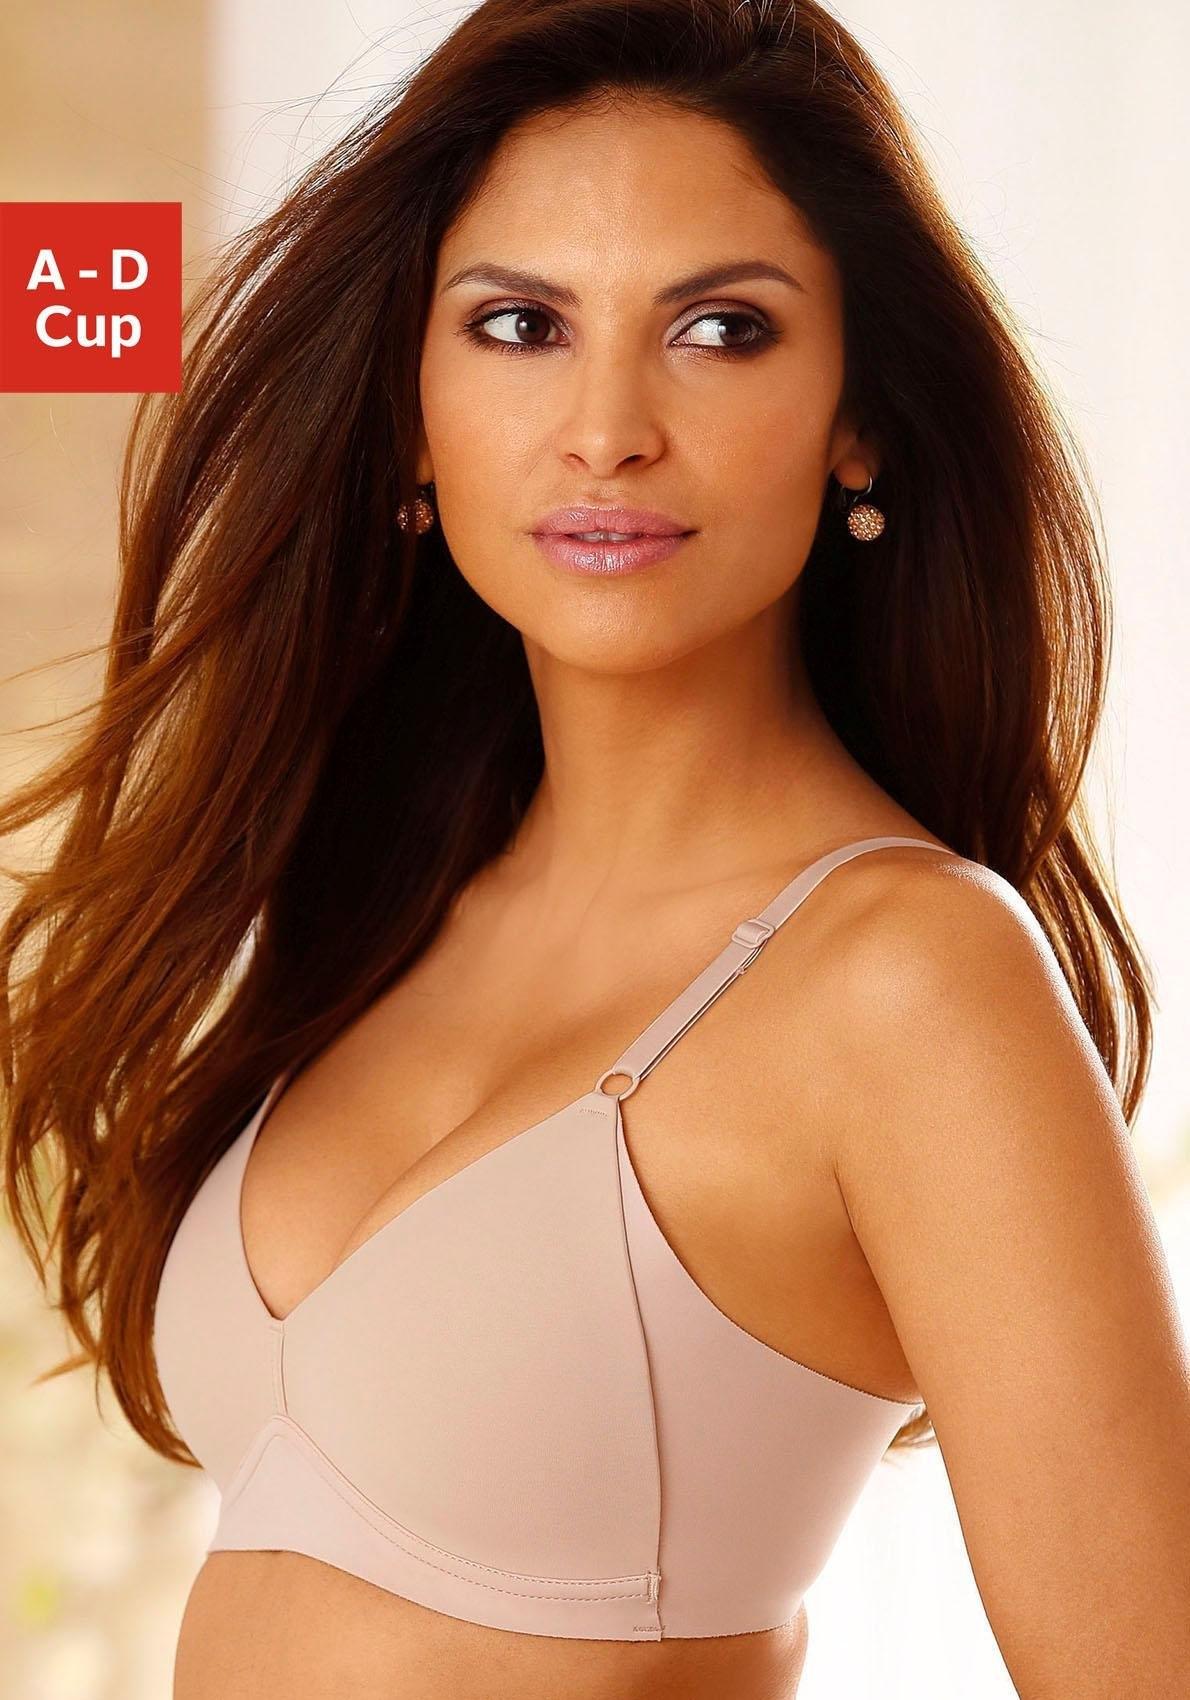 Naturana beha met steuncups zonder beugel »Side smoother« met hoge, modellerende zijkanten bij Lascana online kopen